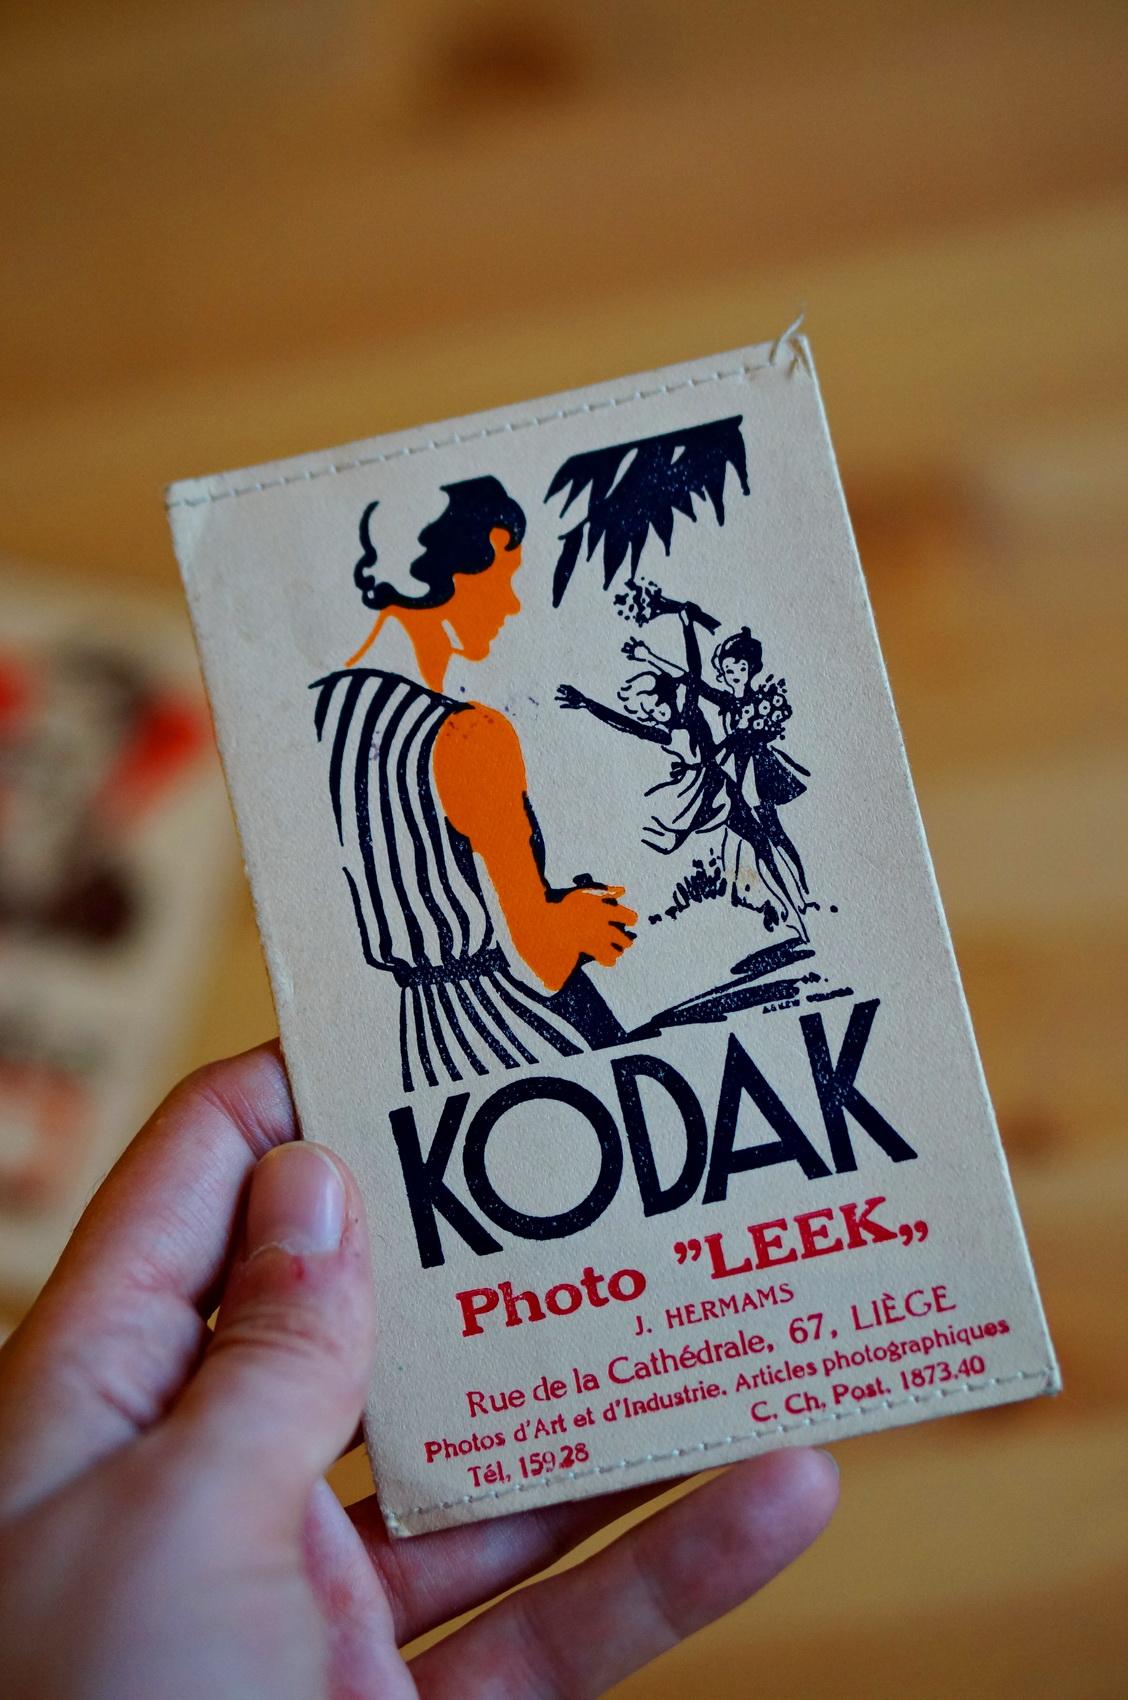 vieux étuis pellicules, vieux étuis négatifs, vieux étuis photo, kodak, étuis kaodak, étui kodak, photos kodak, pellicules kodak, publicité rétro, publicité vintage, vieux papiers